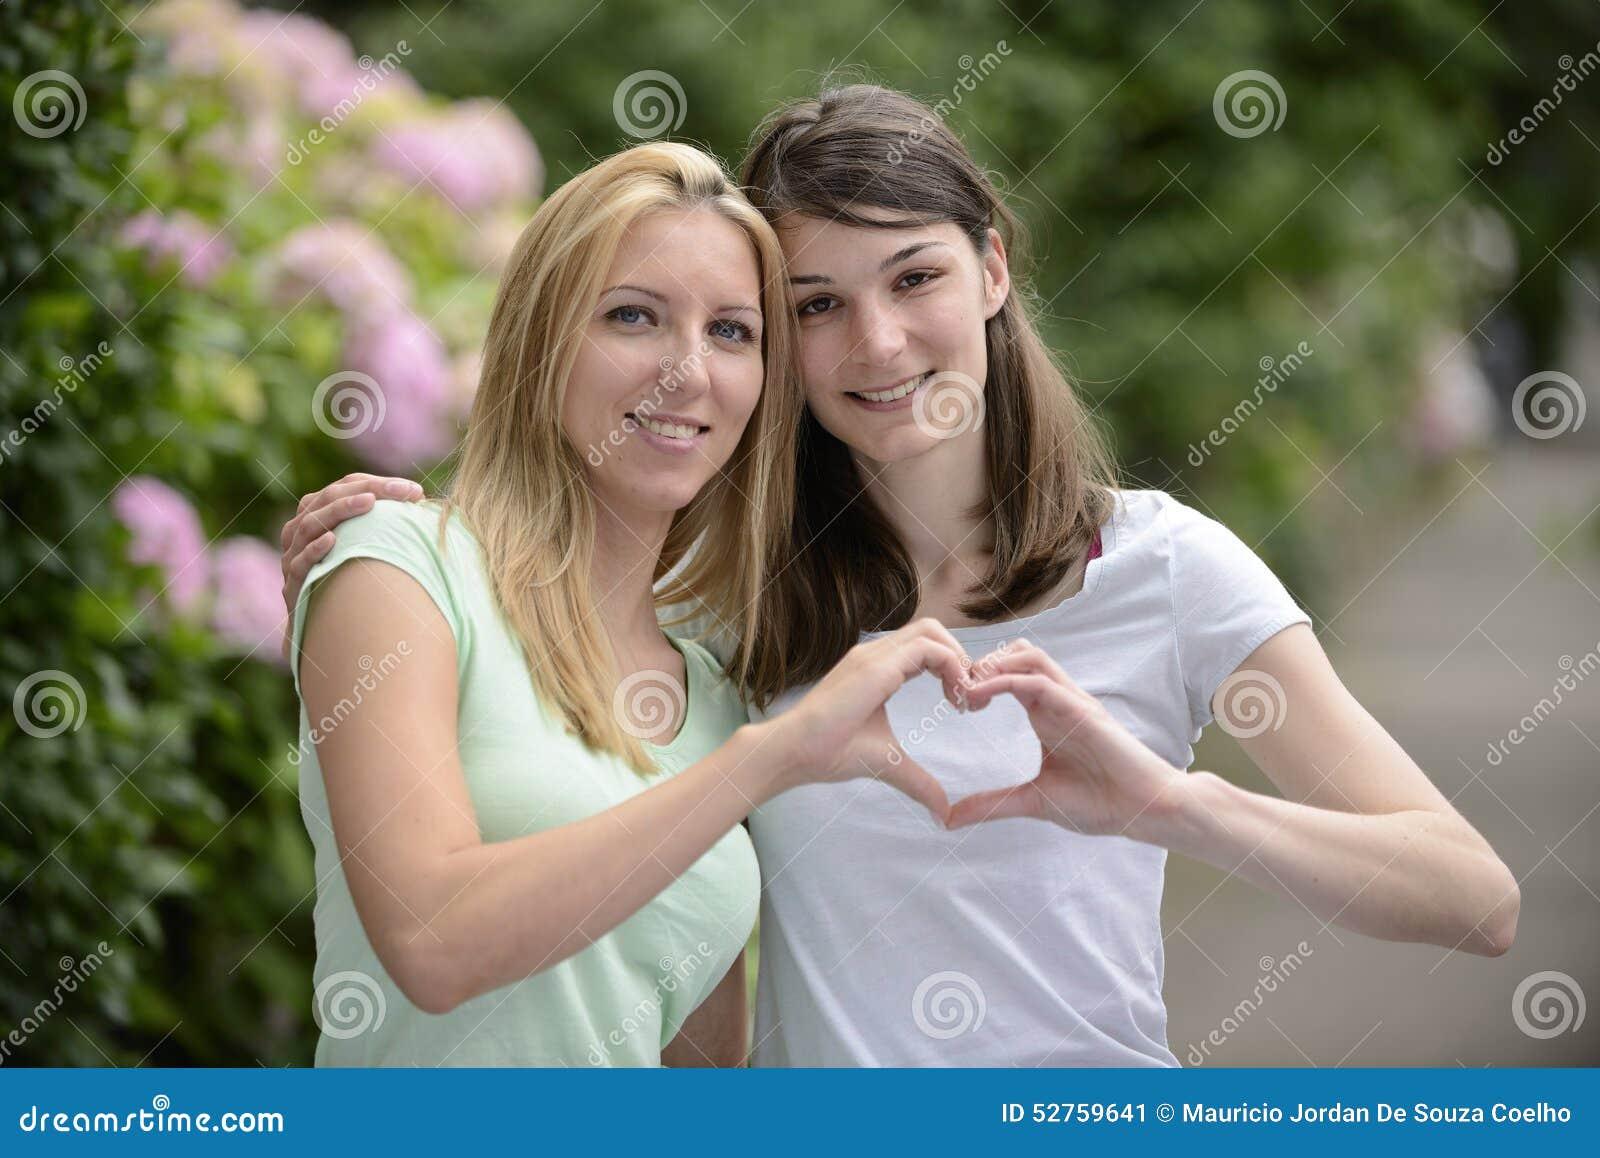 Portret van een lesbisch paar